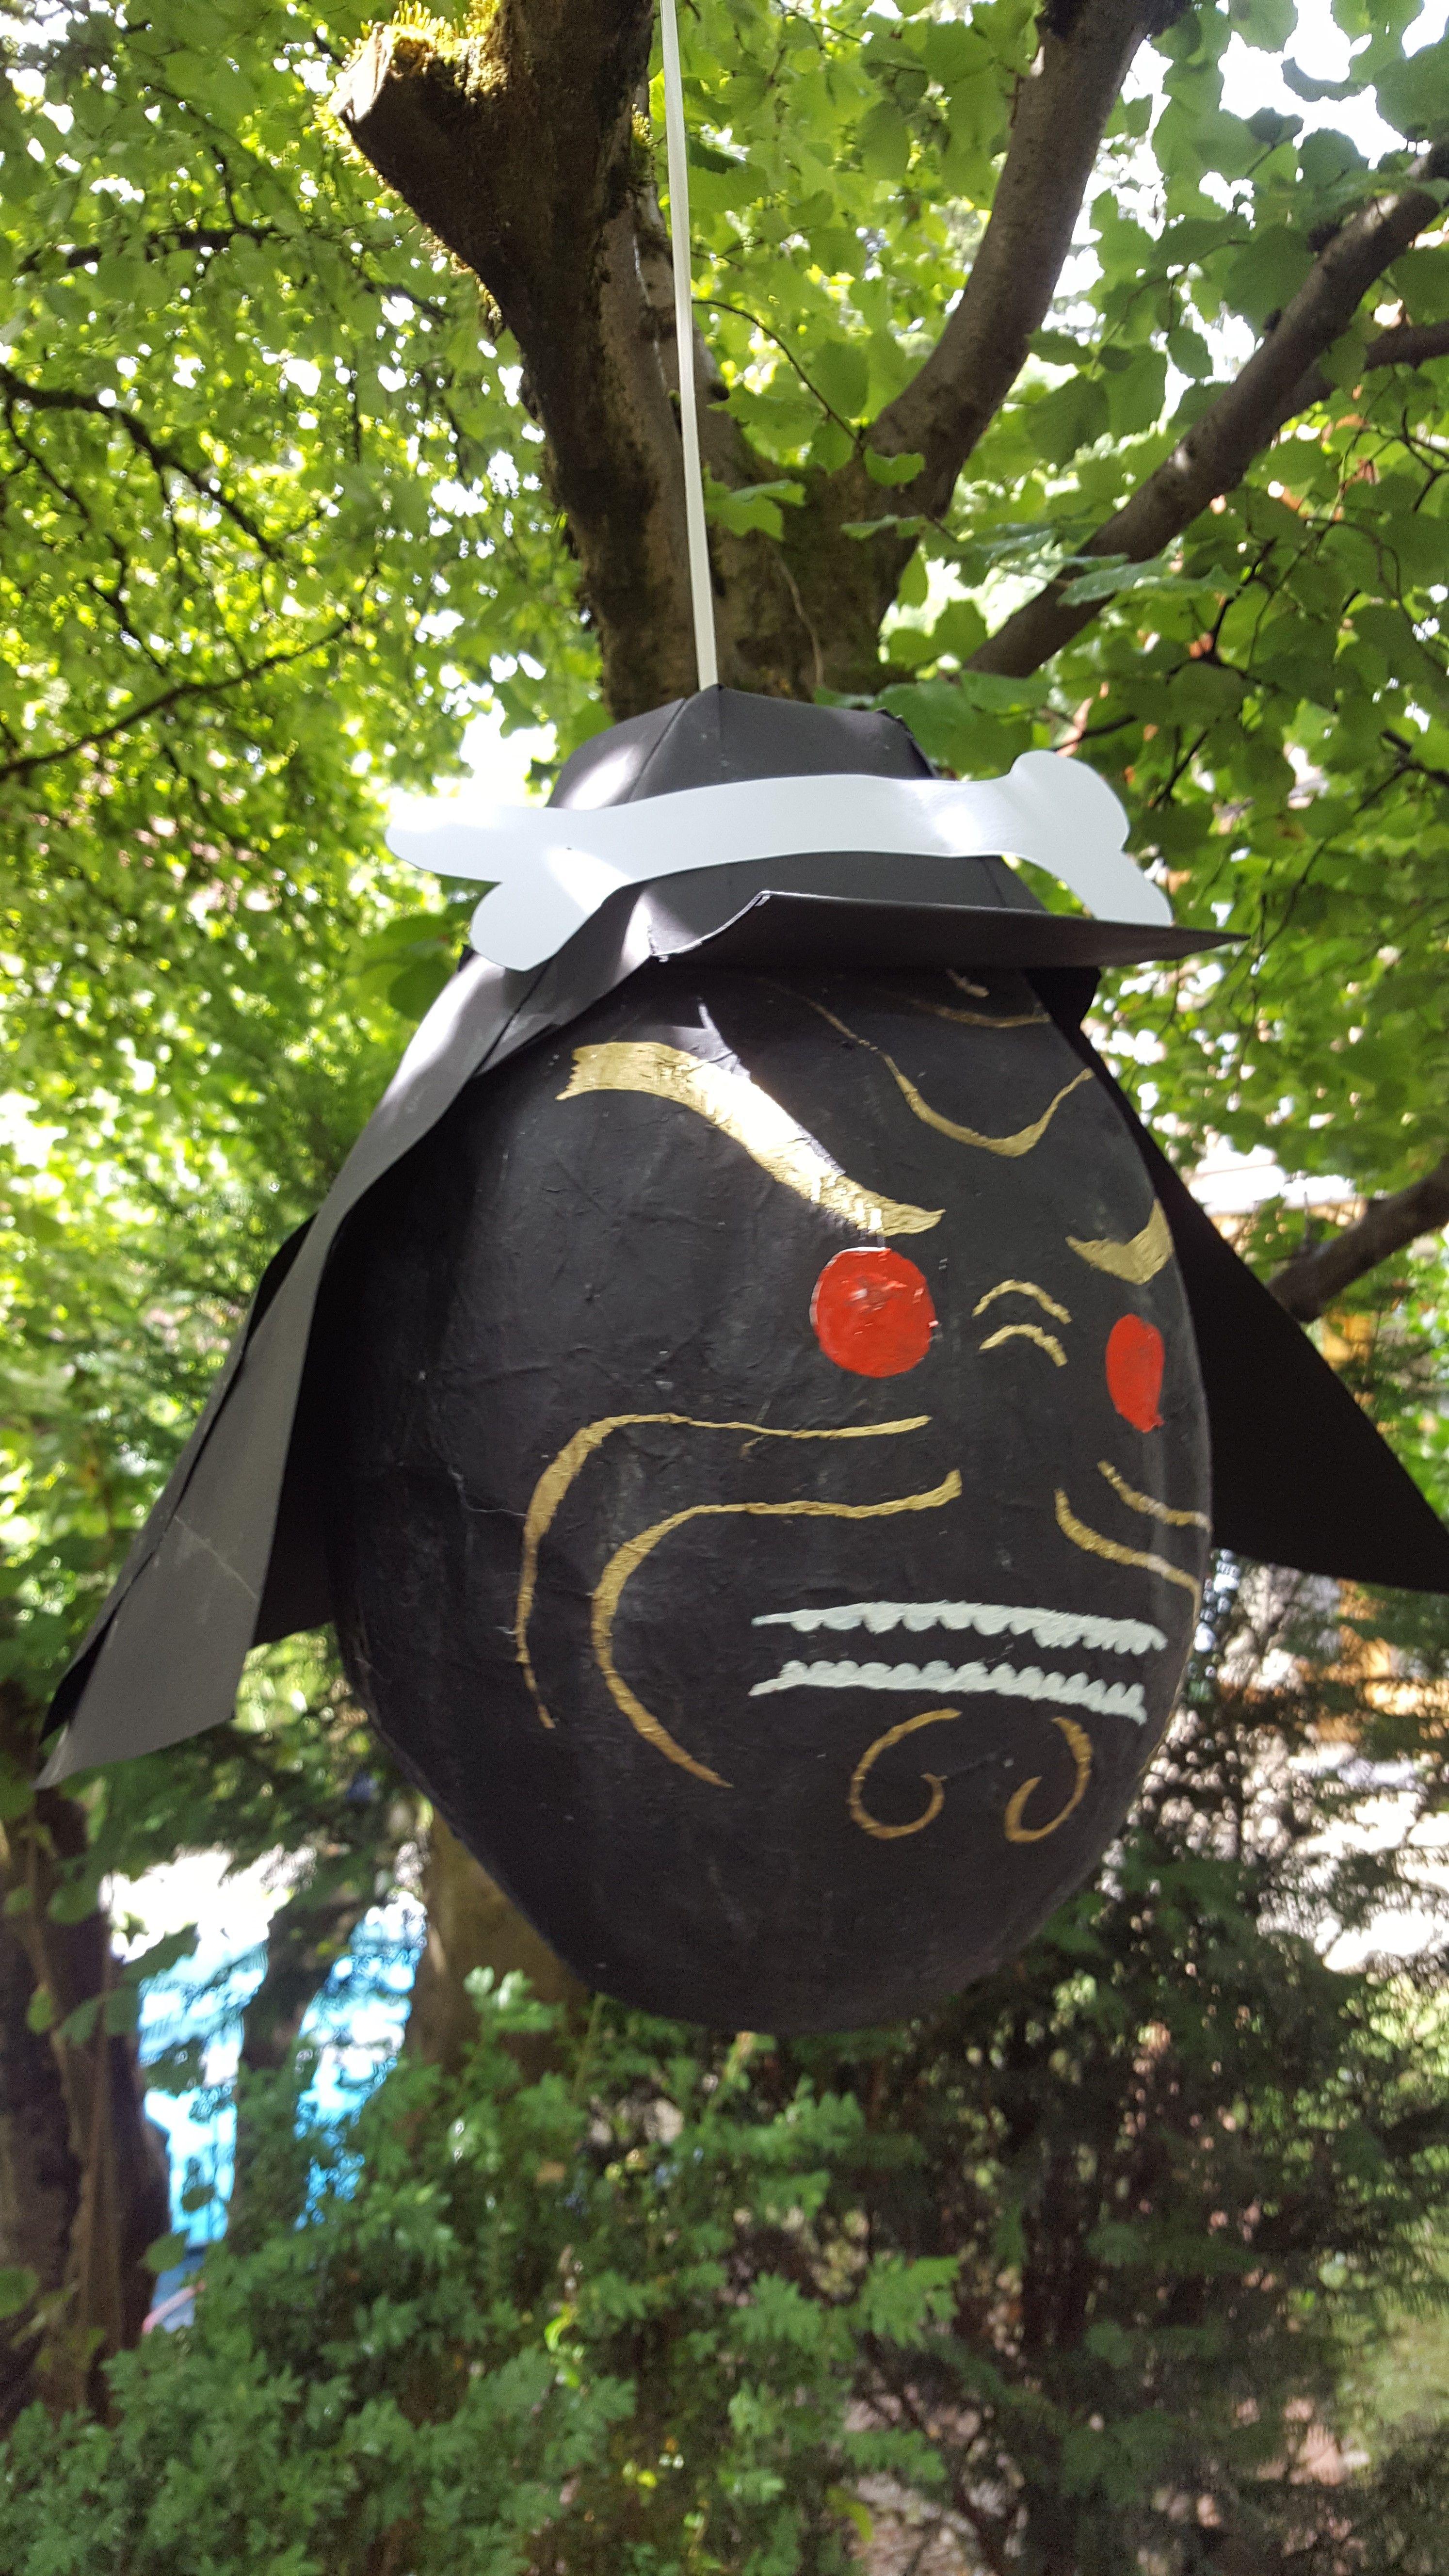 Lord Garmadon Pinata DIY 1 Luftballon aufpusten 2 Mit Salatöl